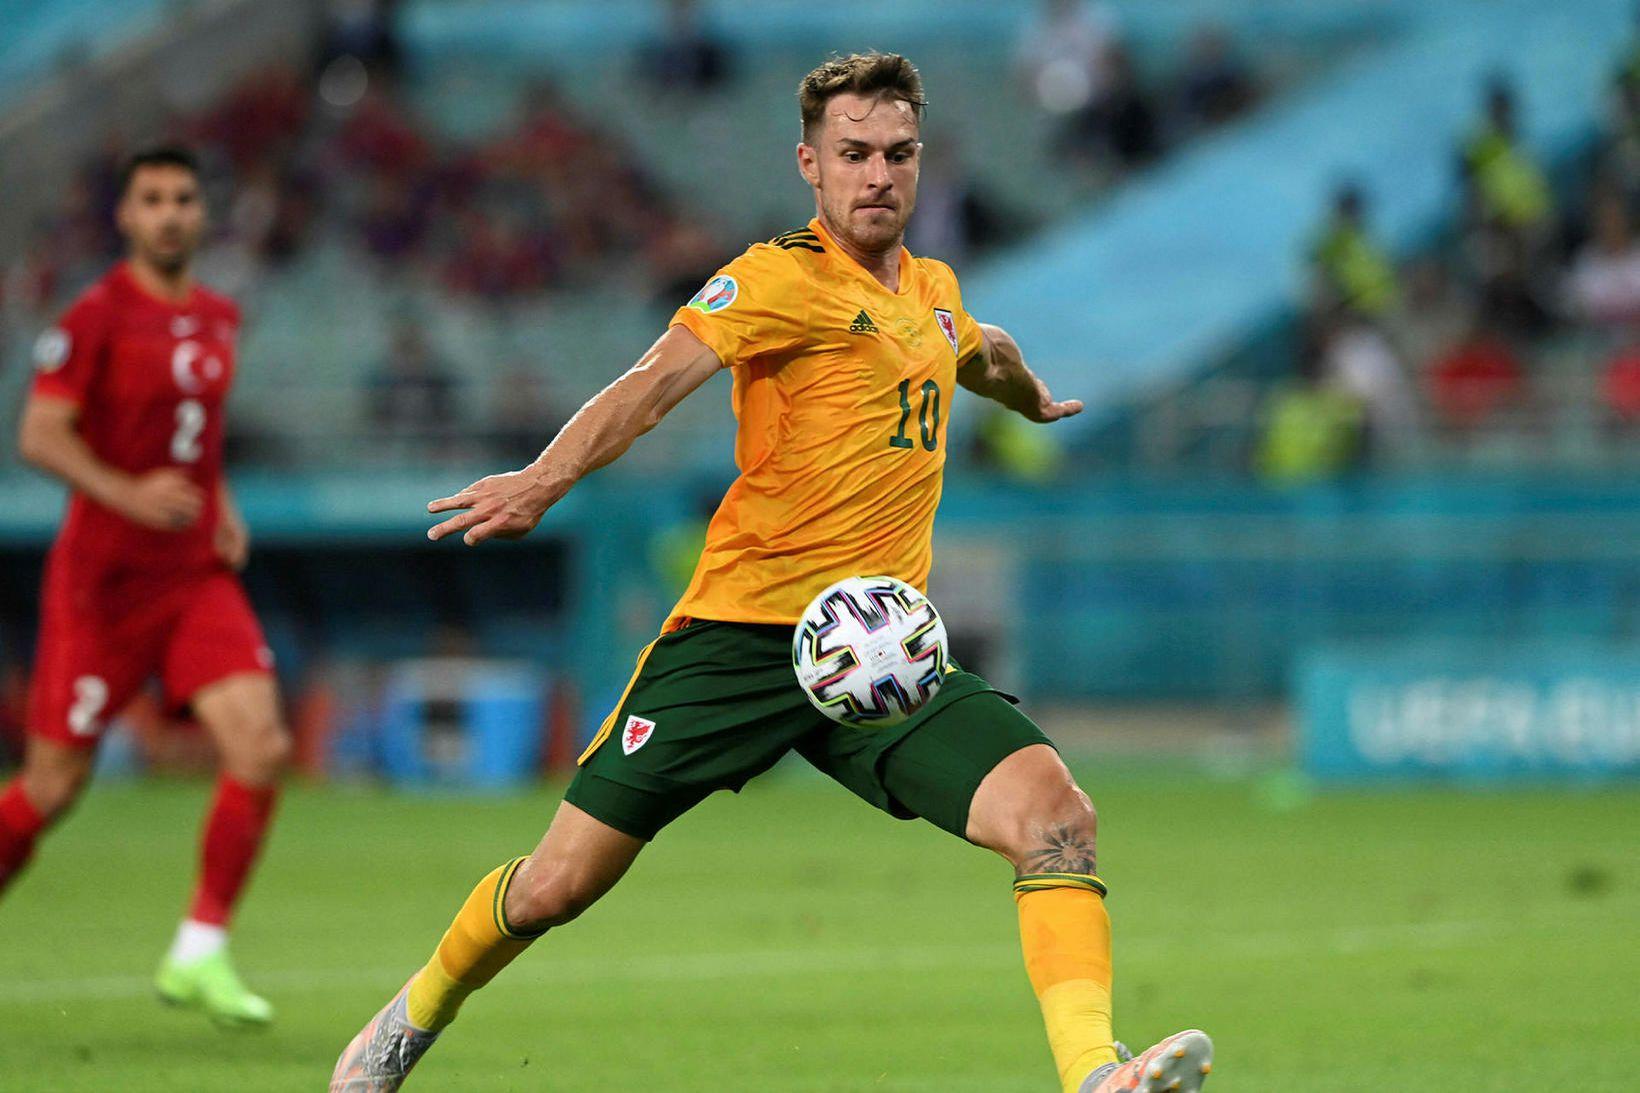 Aaron Ramsey skorar fyrir Walesbúa gegn Tyrkjum í Bakú í …